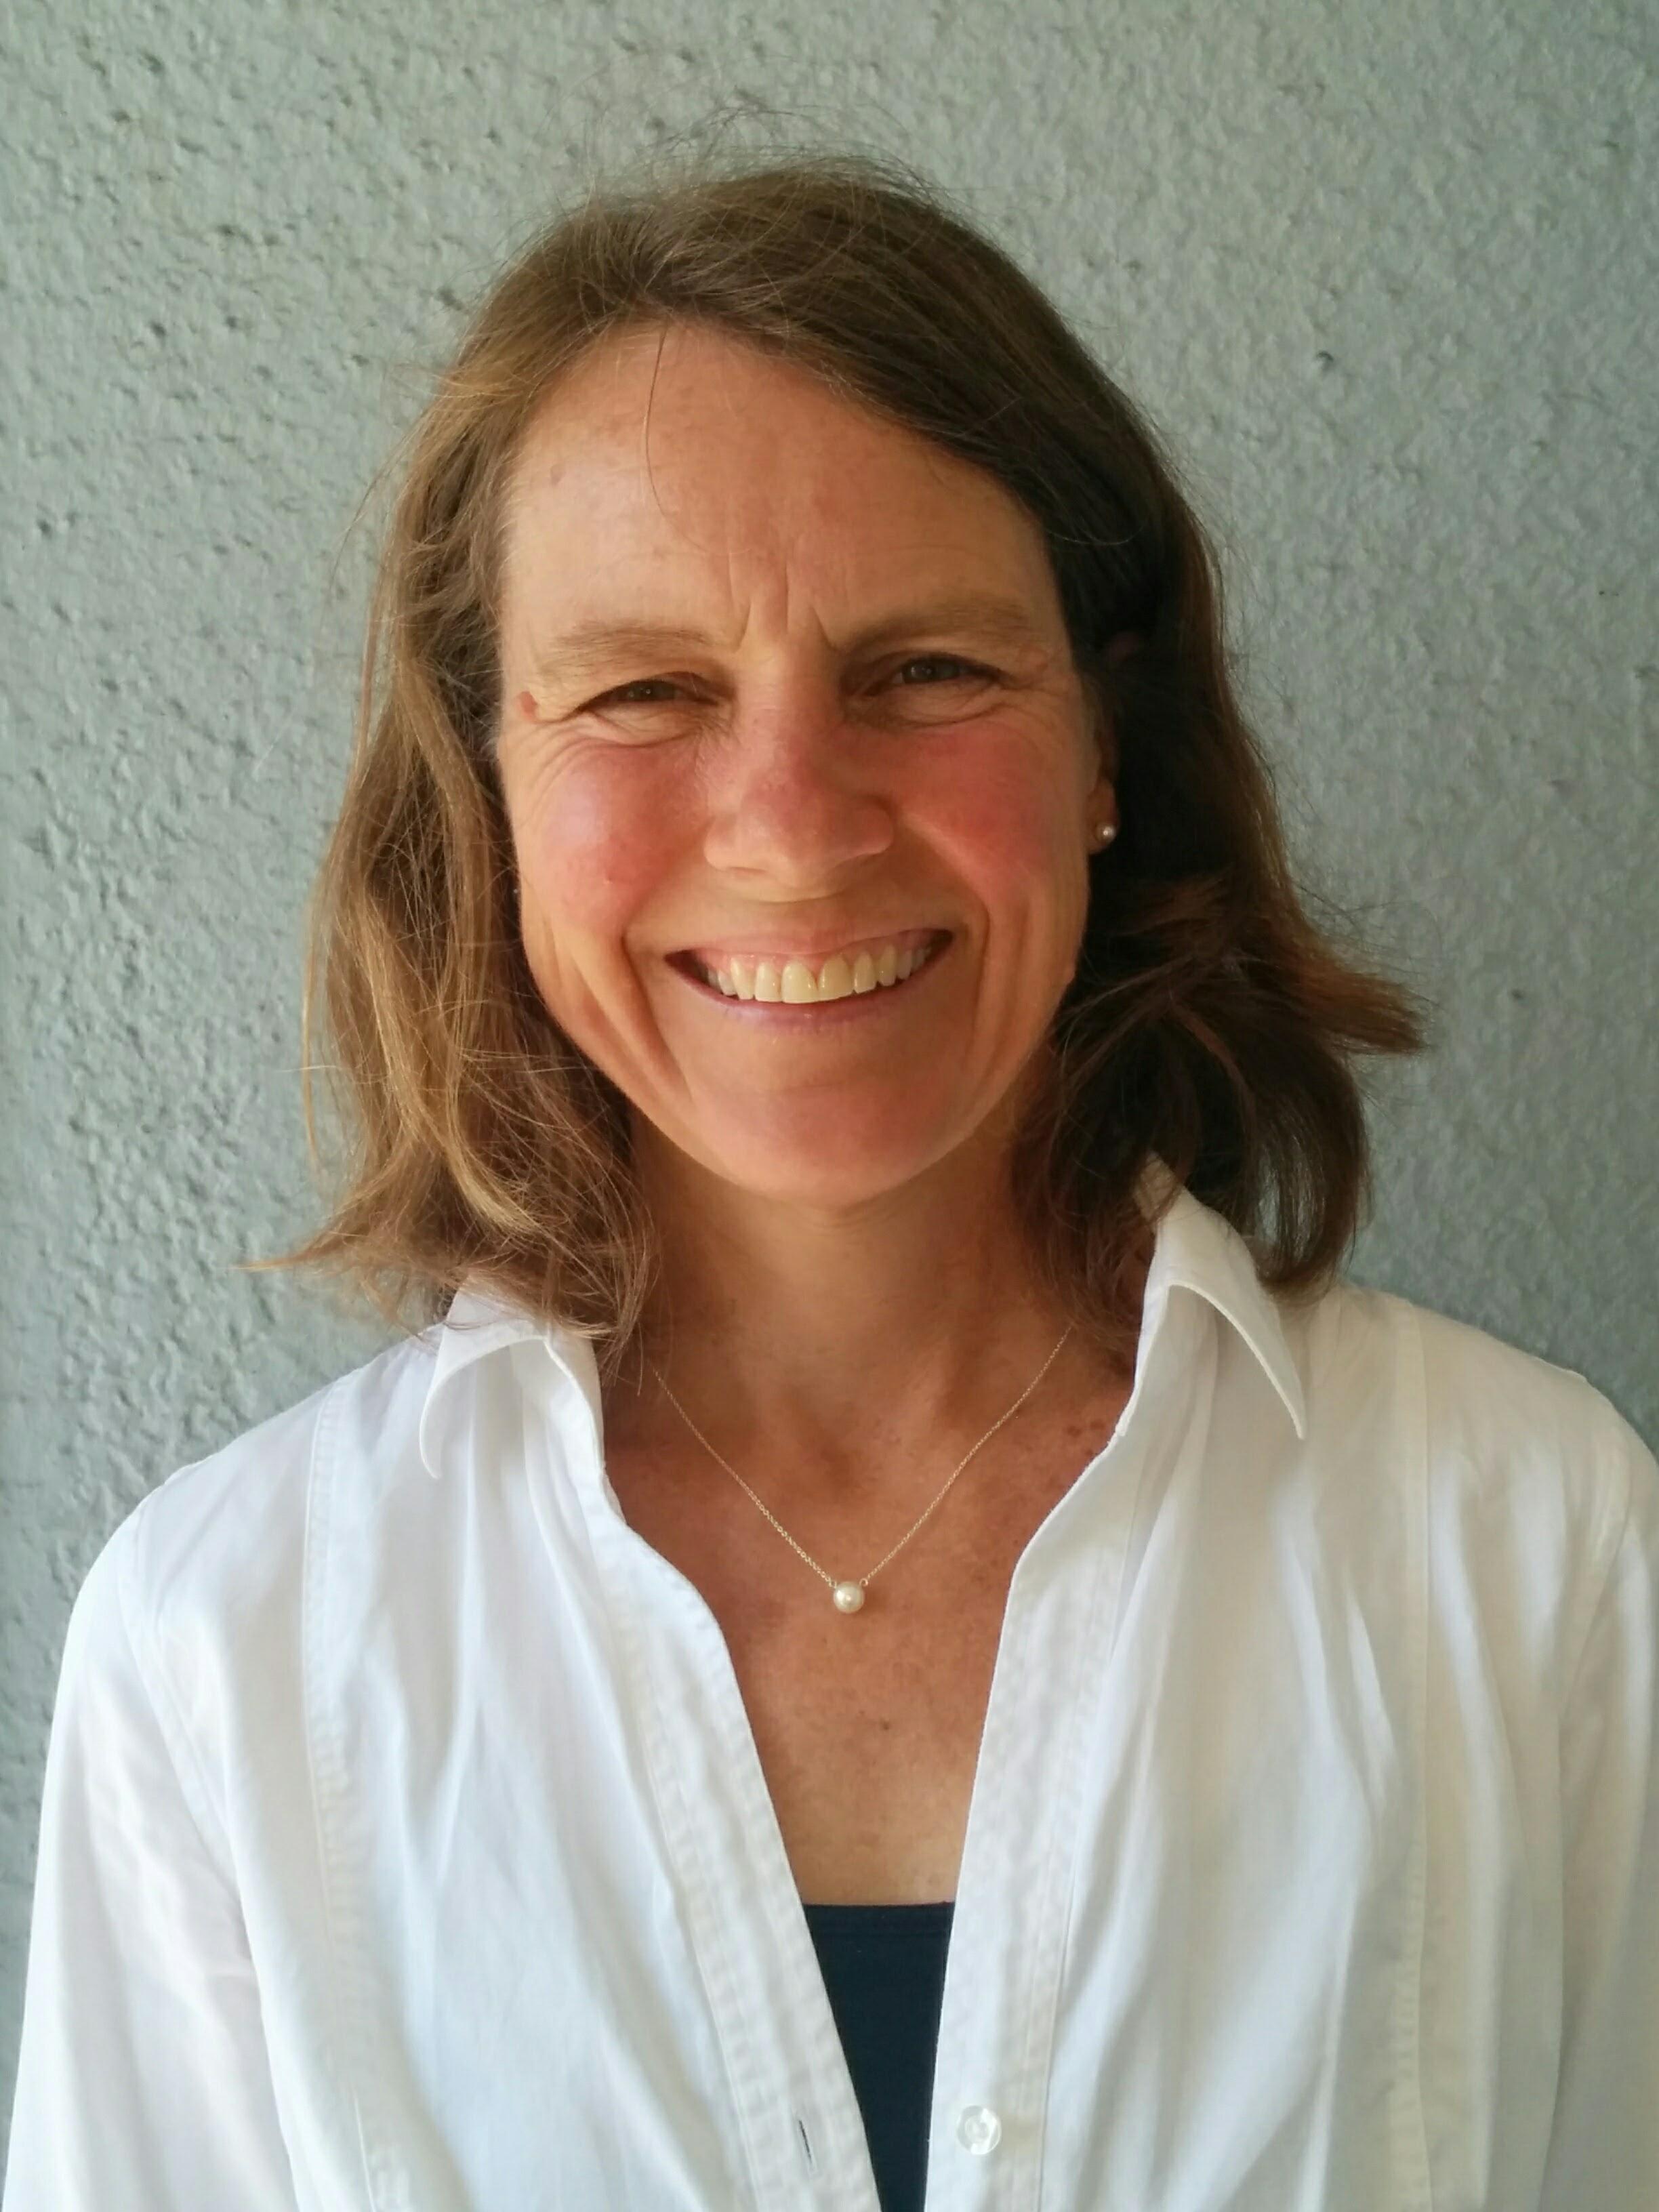 Amy Belkora